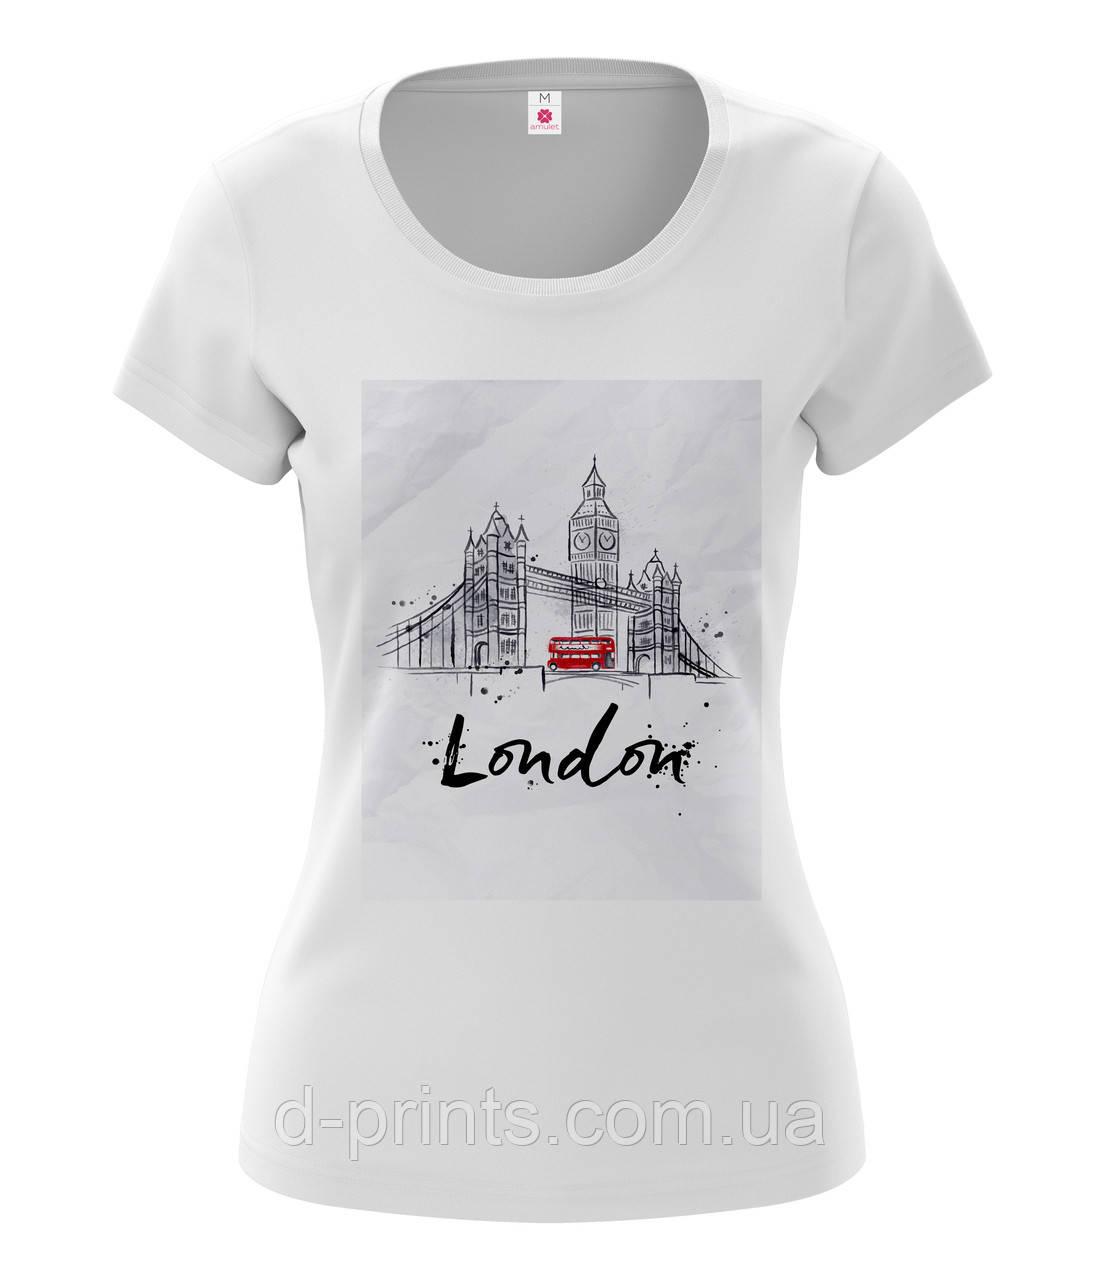 """Футболка жіноча з малюнком """"London """""""